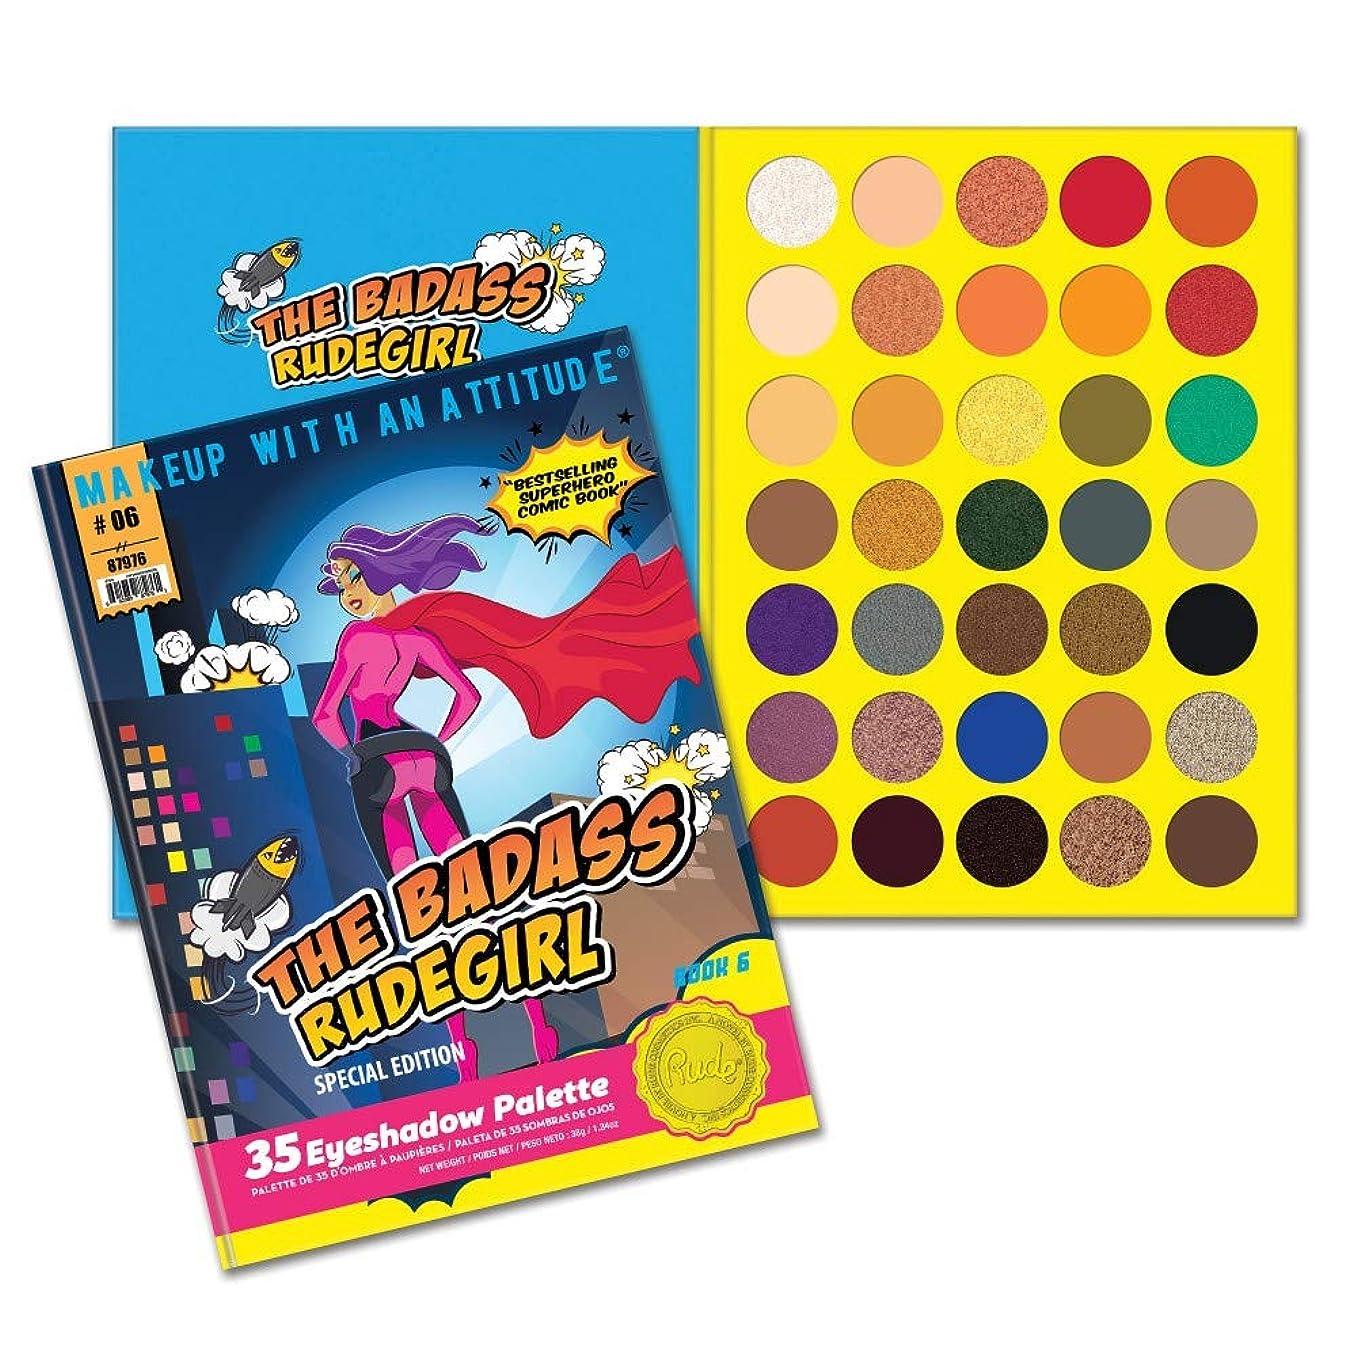 深くボトルネックペック(6 Pack) RUDE? The Badass RudeGirl 35 Eyeshadow Palette - Book 6 (並行輸入品)